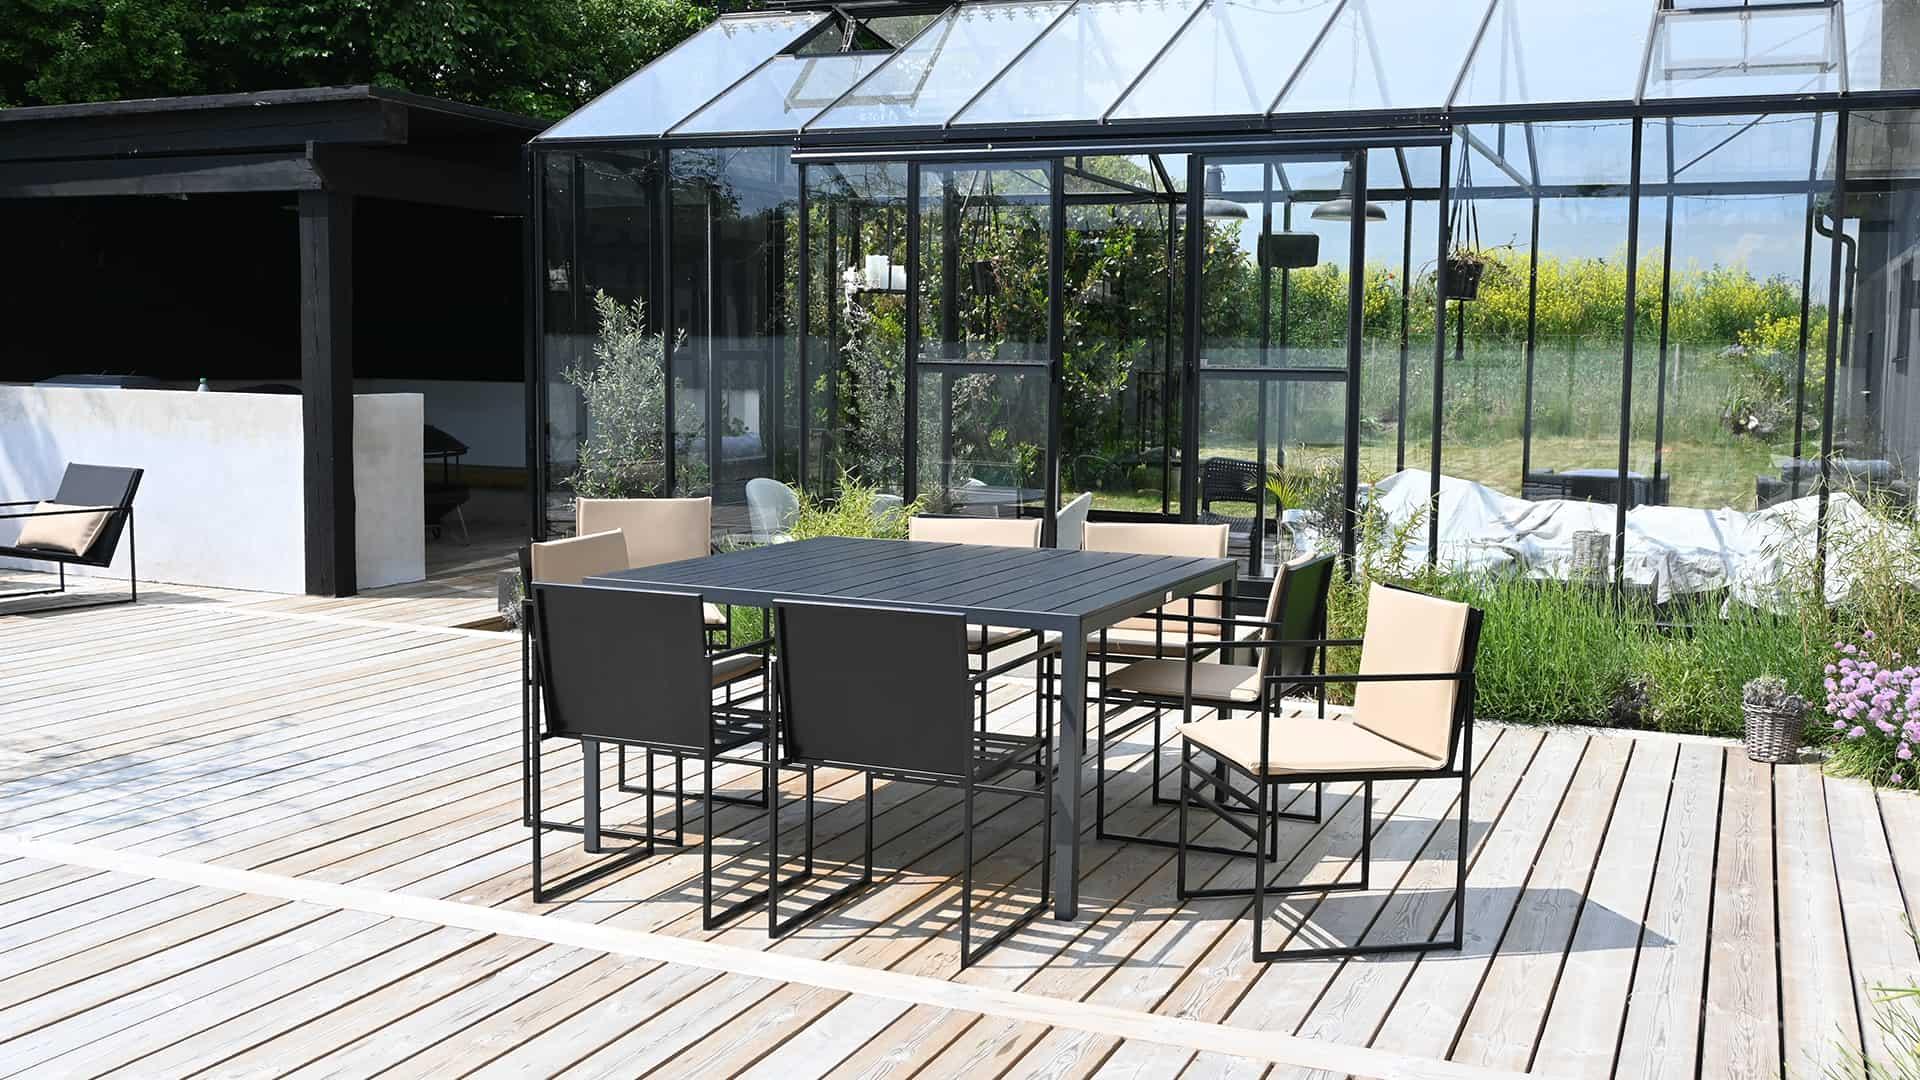 Utendørs stoler - utemøbler - utemøbler - møbler for utendørs bruk